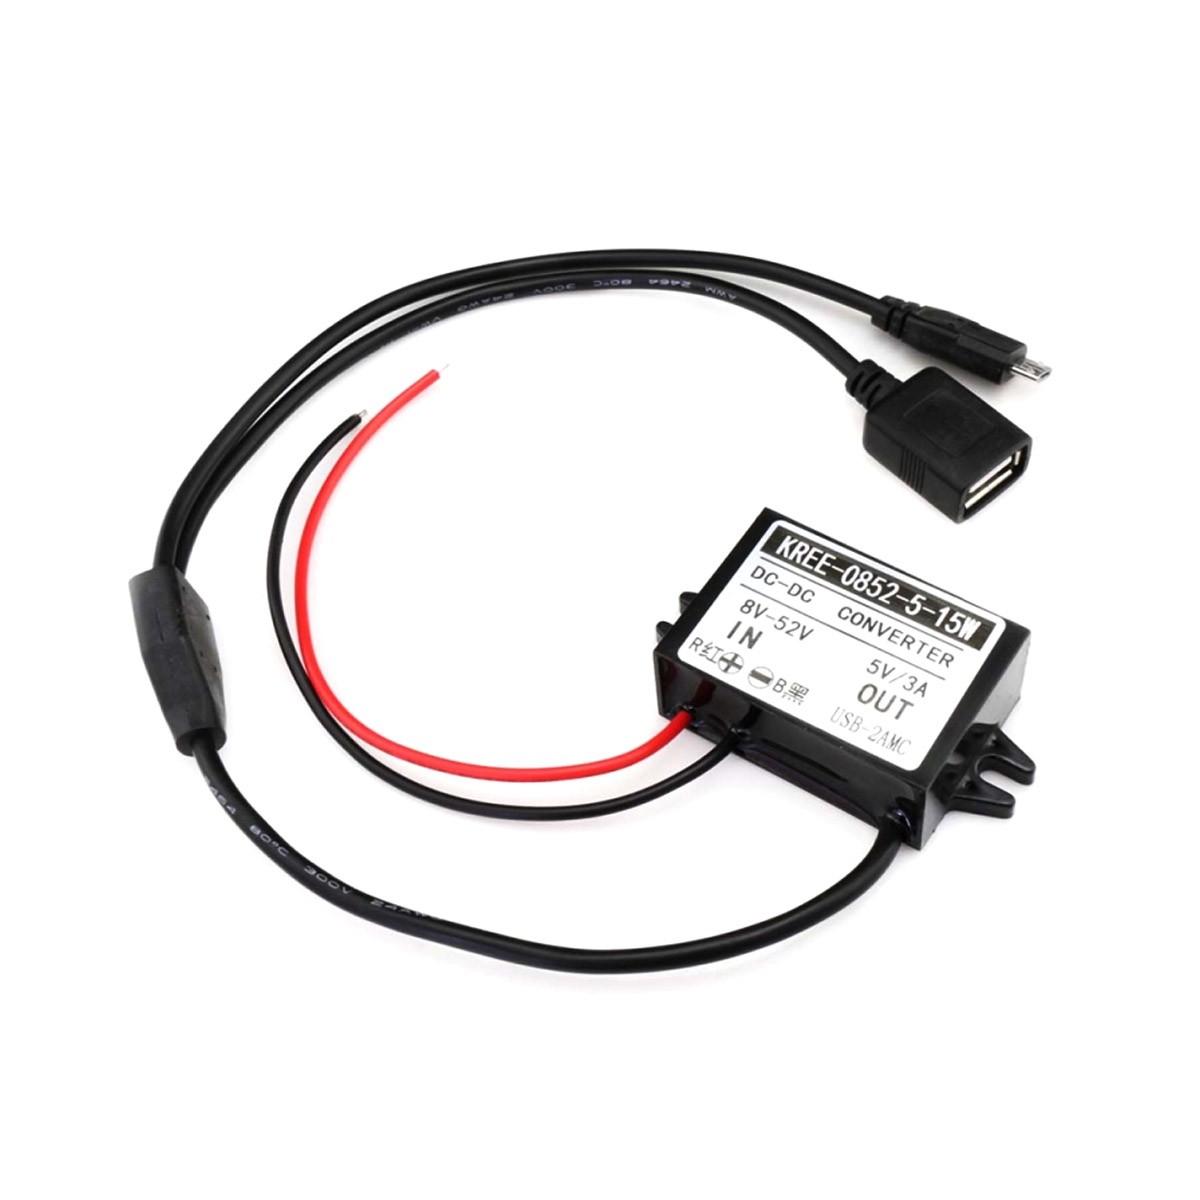 TINYSINE Adaptateur Convertisseur de Tension 8-52VDC vers 5VDC Micro USB / USB-A